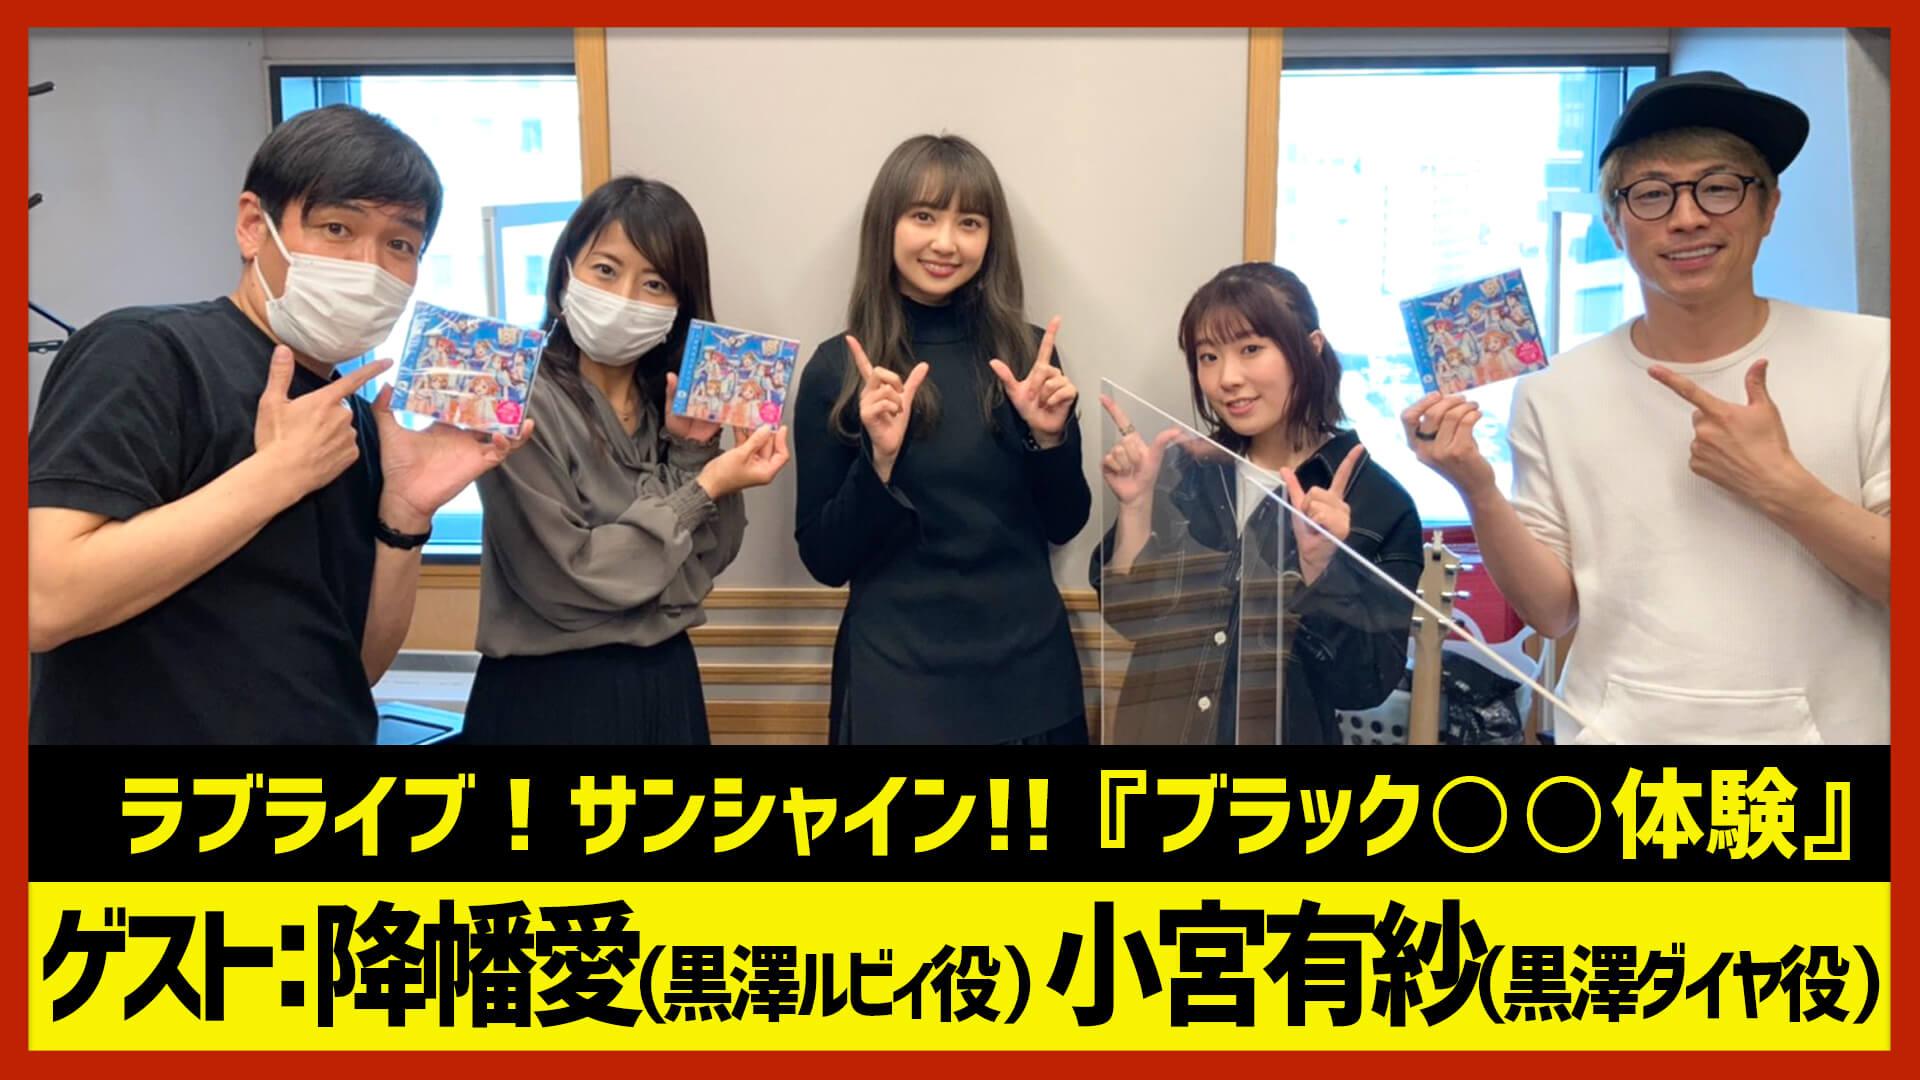 【田村淳のNewsCLUB】ゲスト: 降幡愛さん&小宮有紗(2021年4月3日part3)